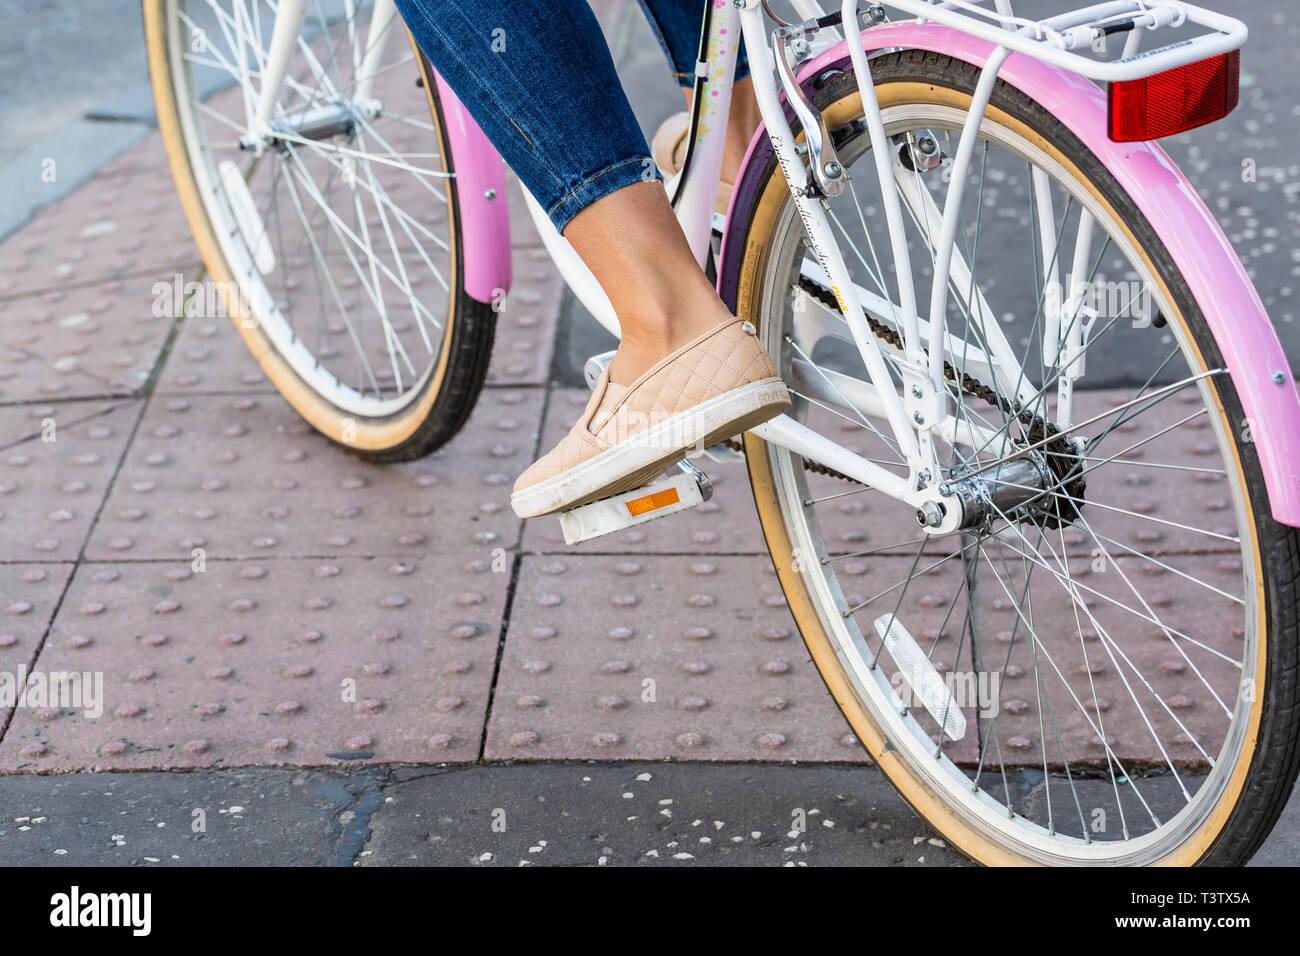 Partie inférieure d'une femme sur un vélo Photo Stock